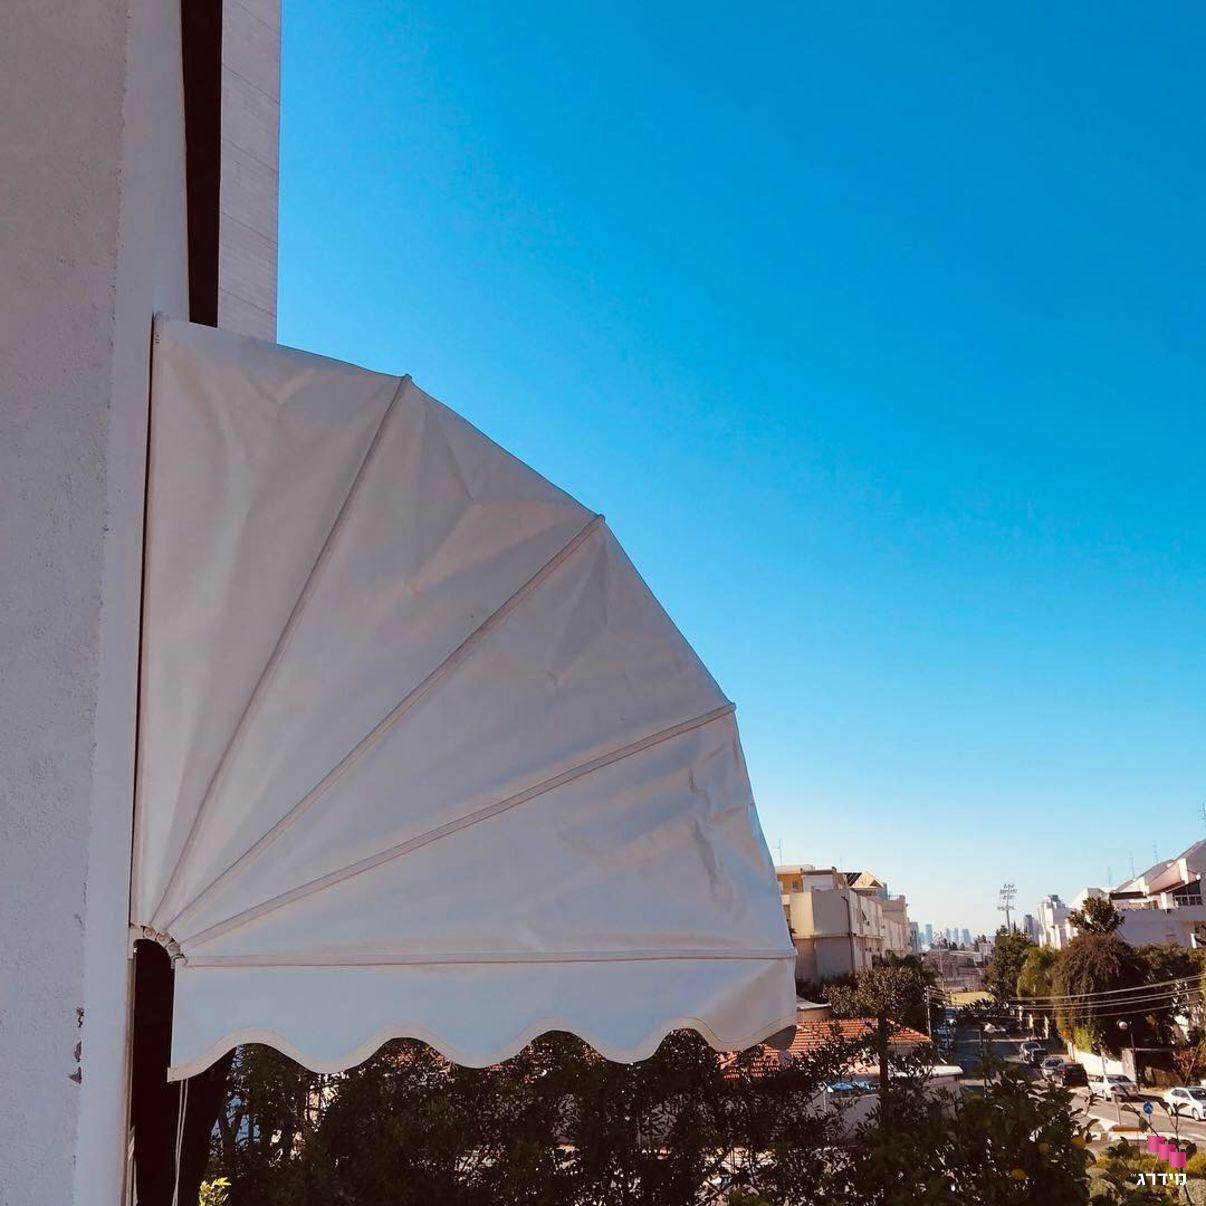 מרקיזה למרפסת - מבט מבחוץ | סוכך למרפסת